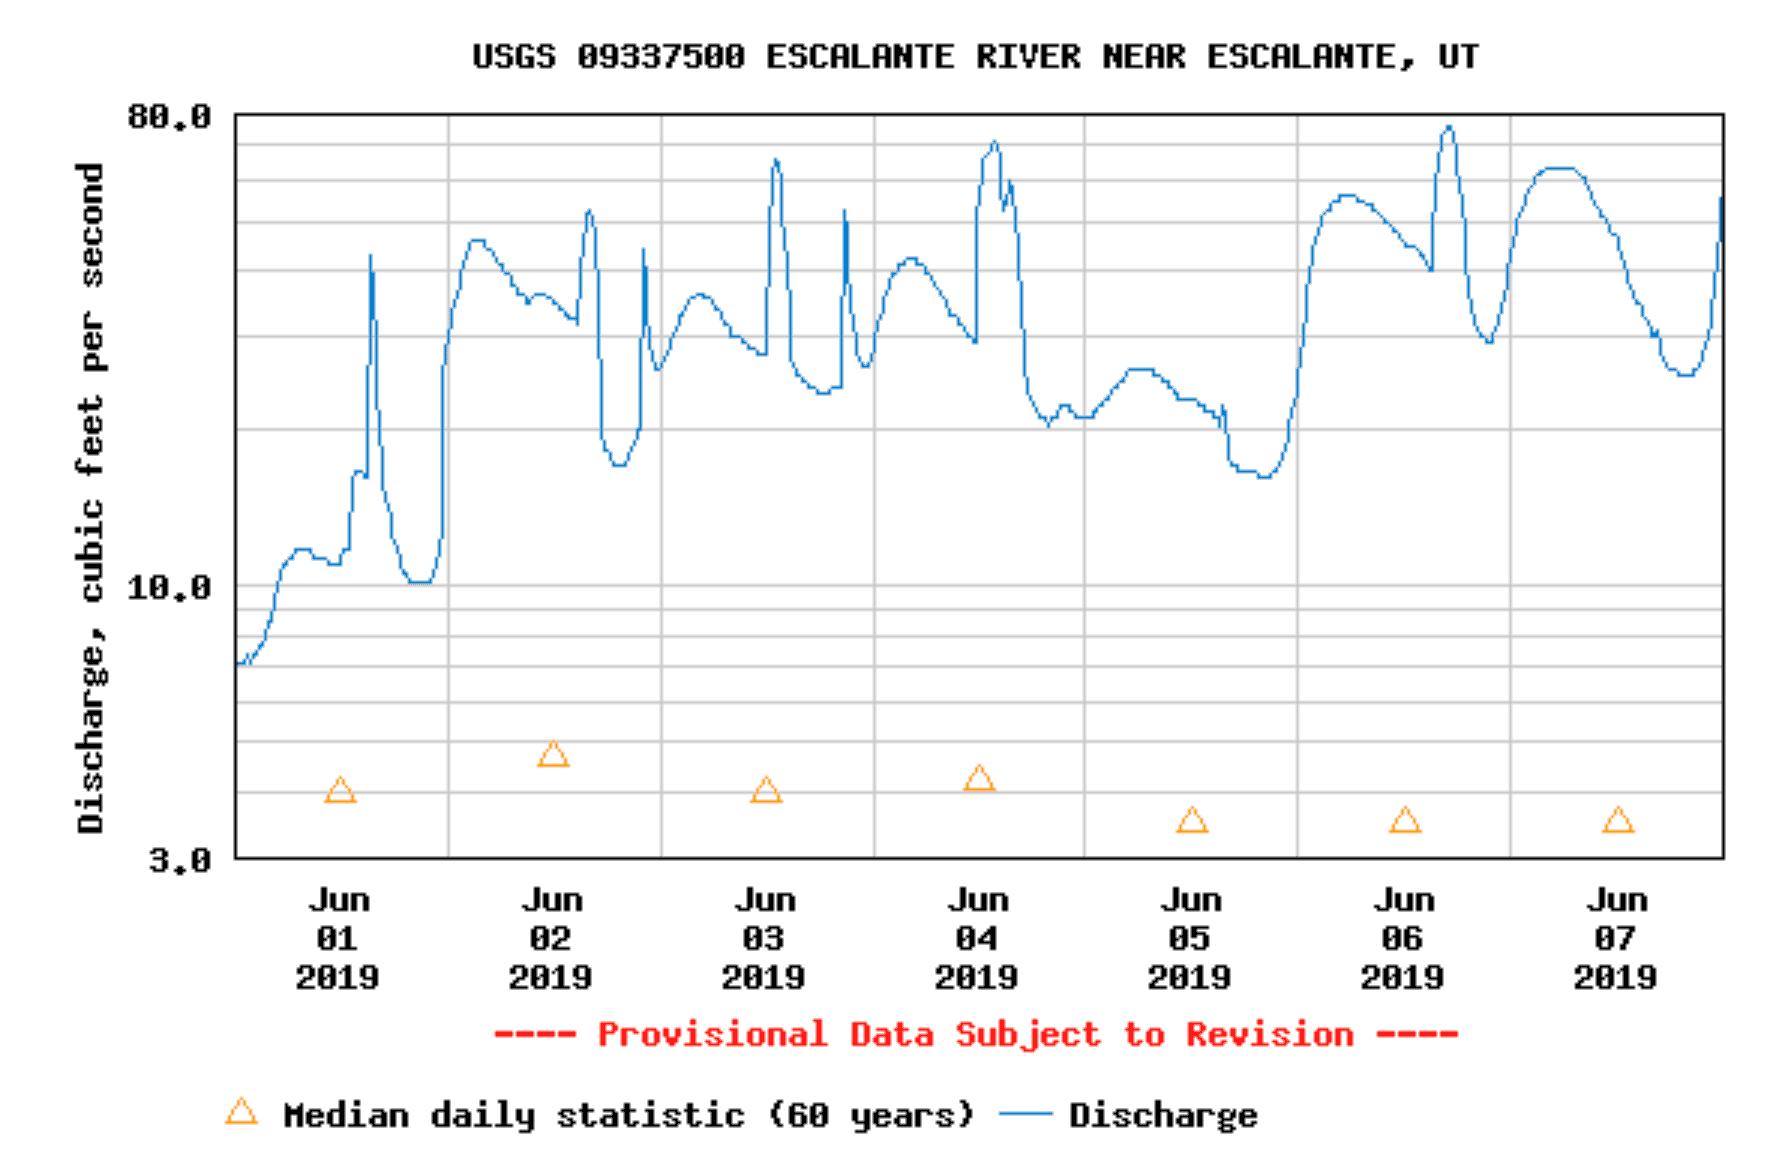 Escalante River flows